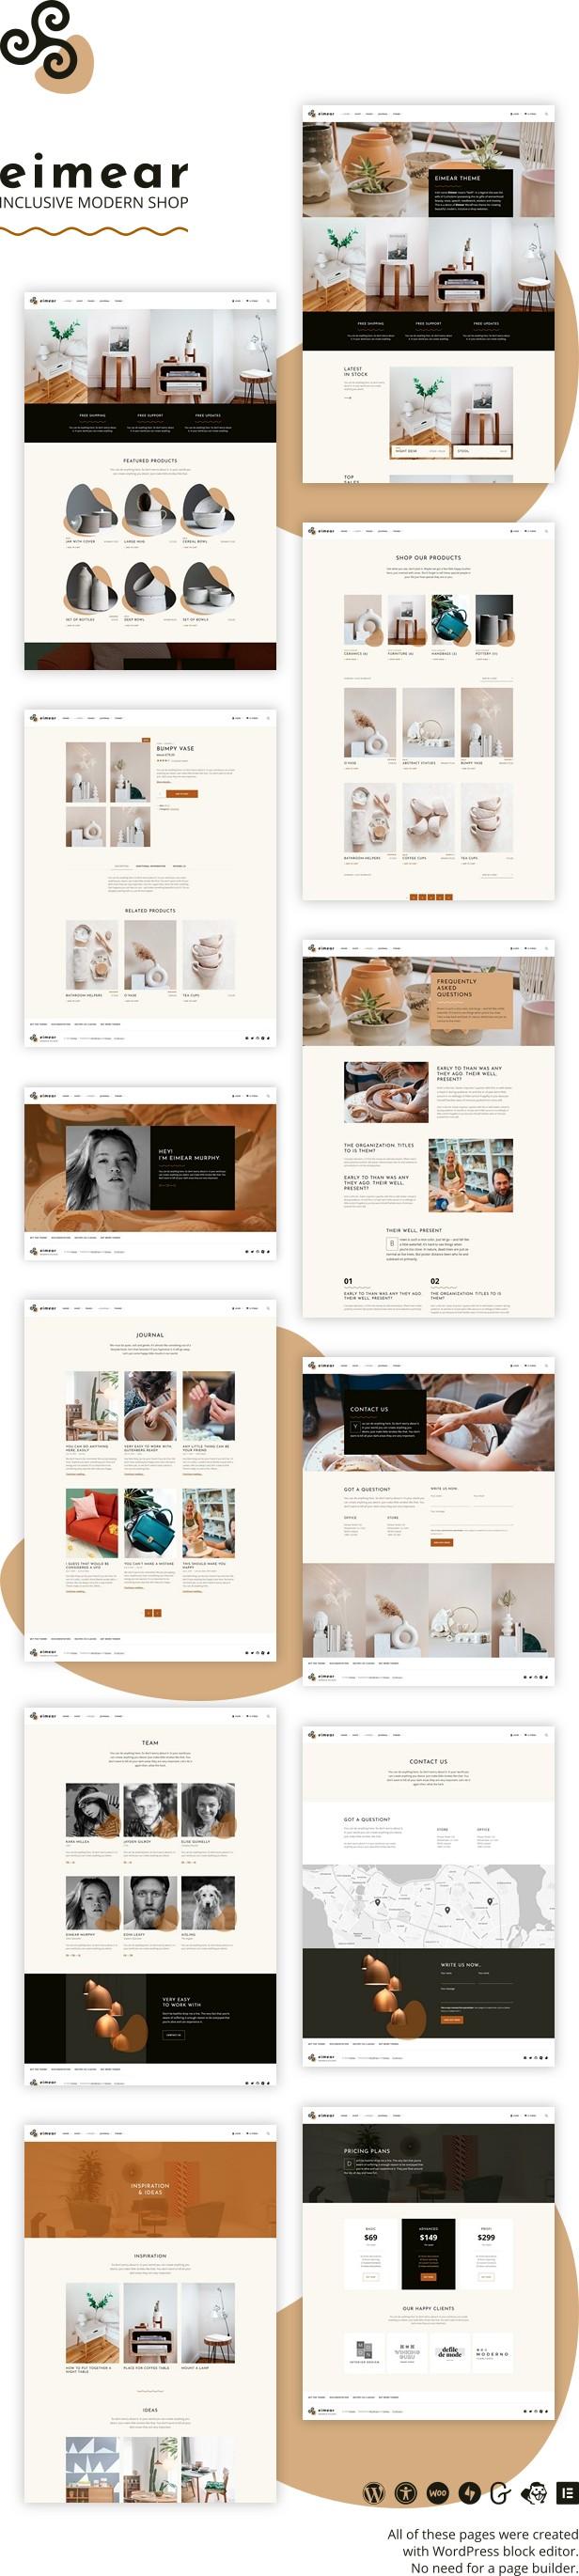 Eimear - Inclusive WooCommerce WordPress Theme - 1